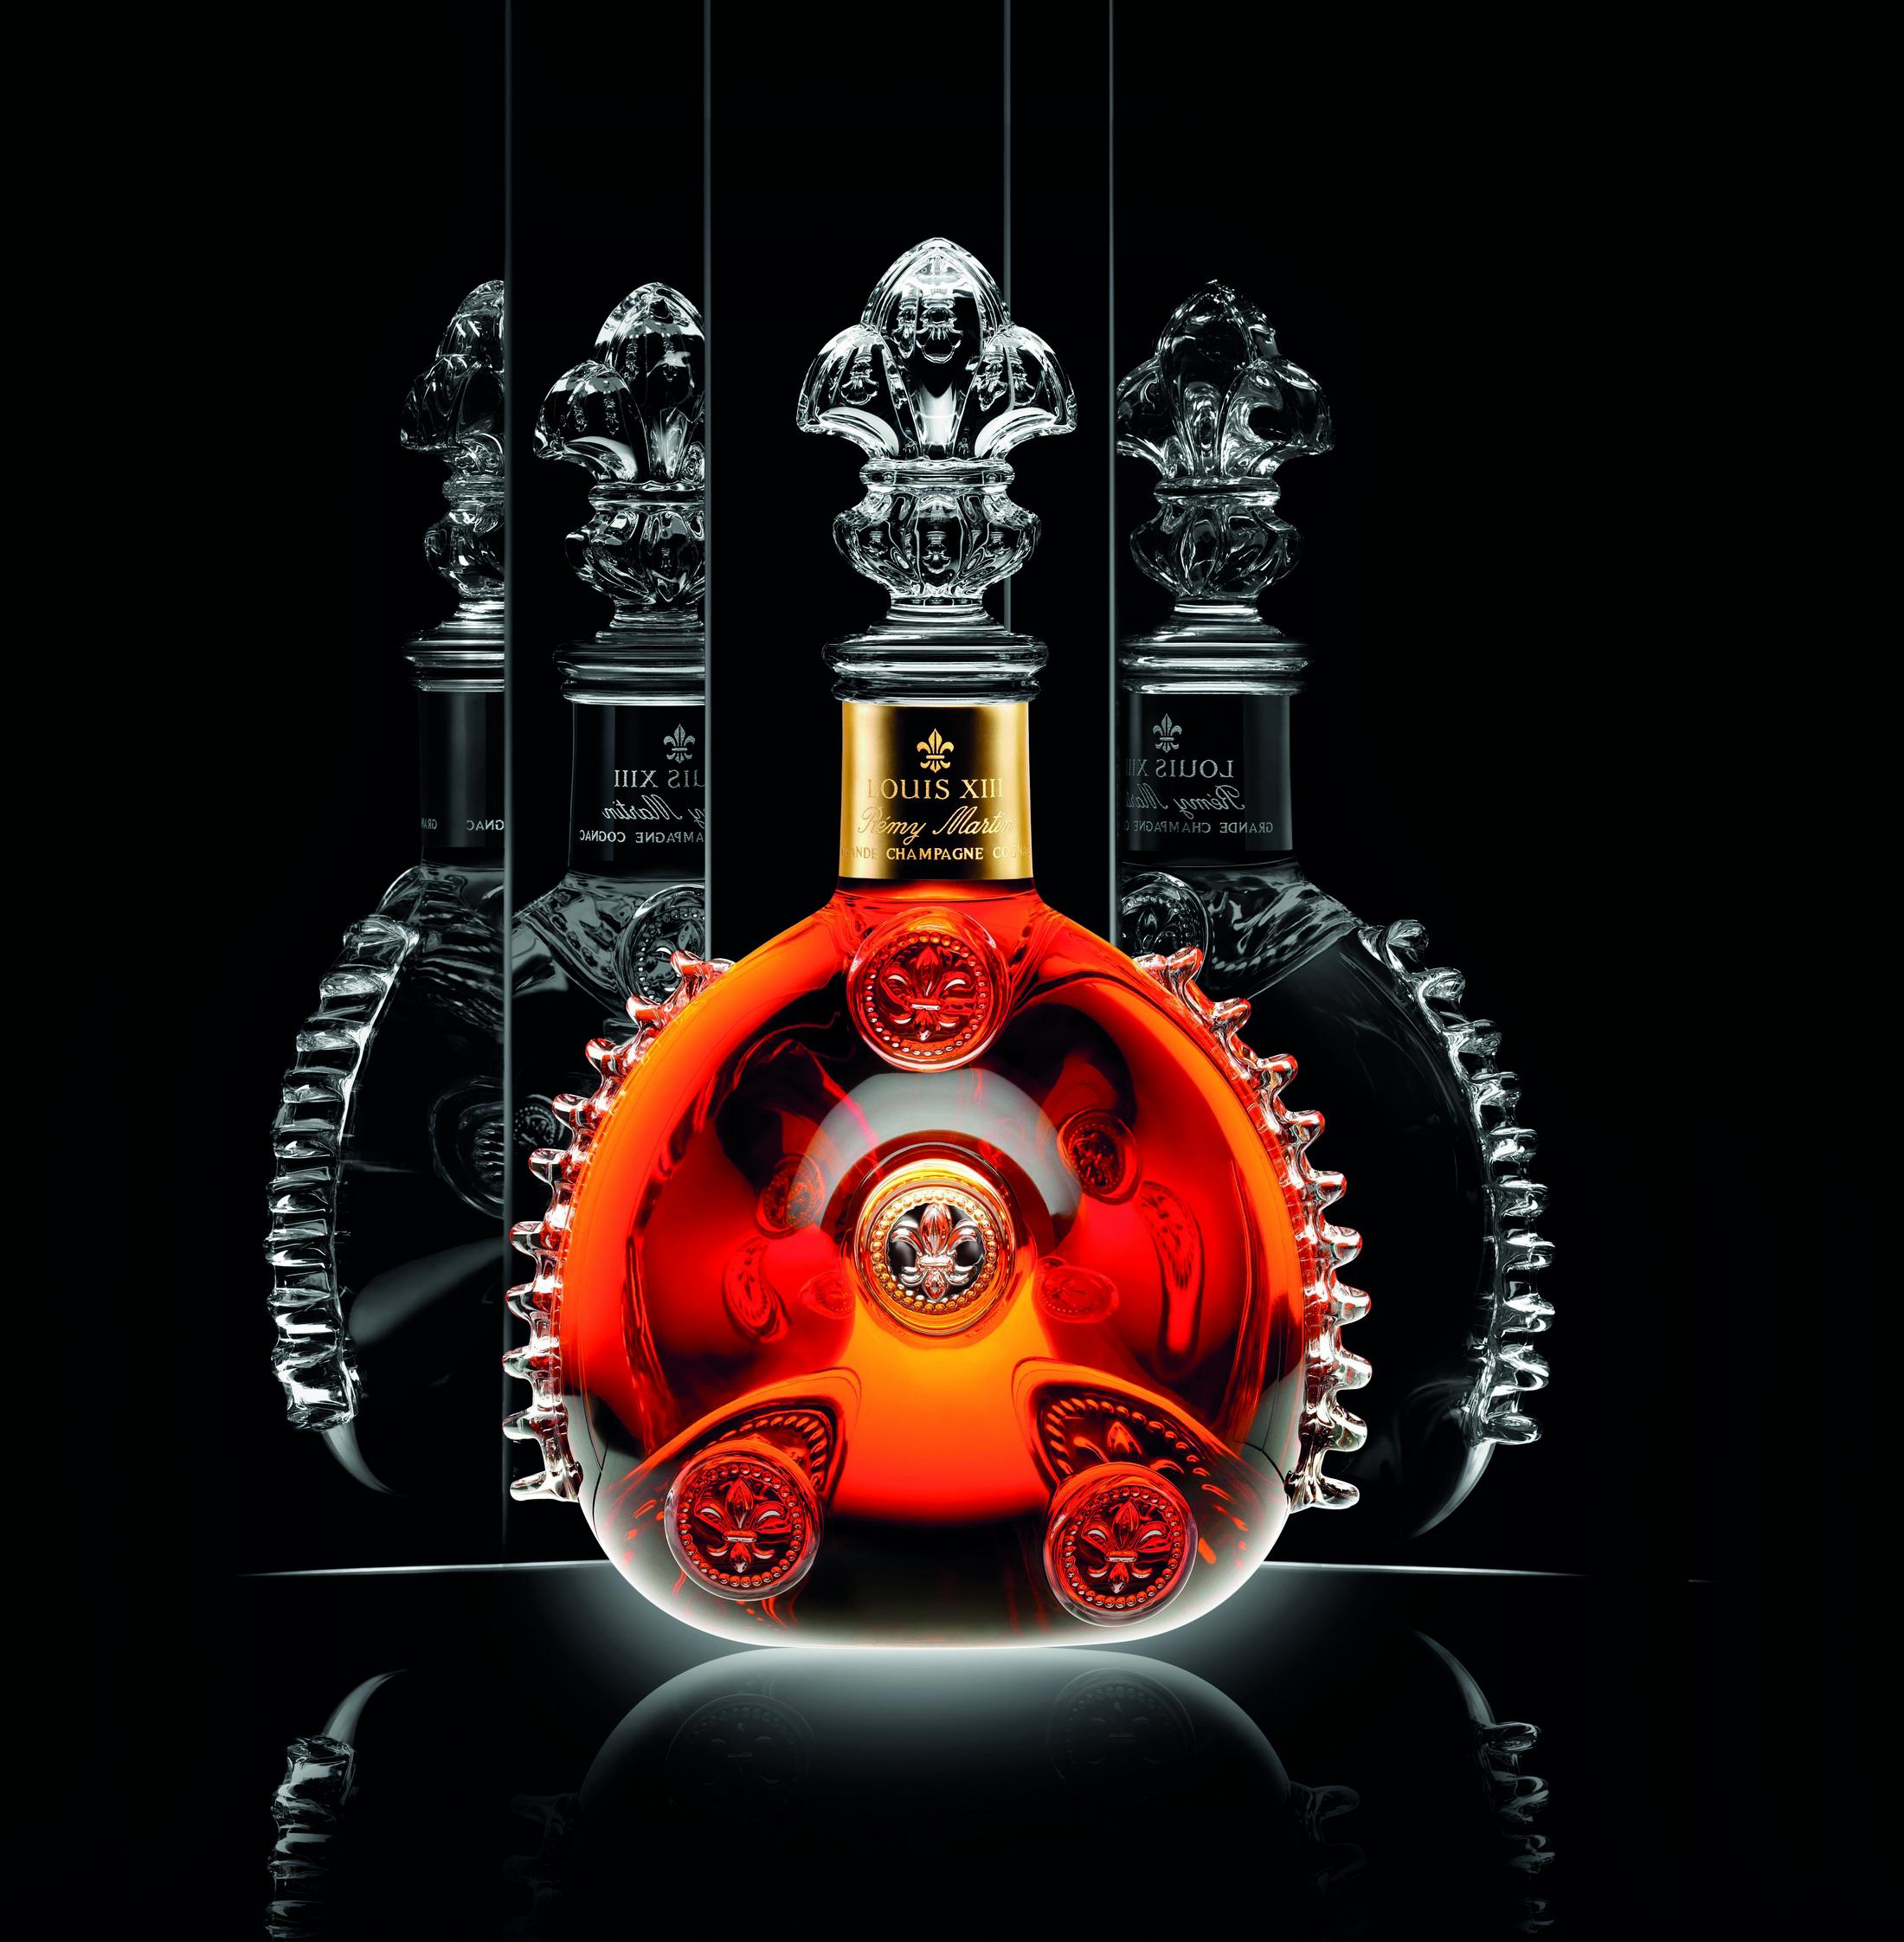 El coñac más caro del mundo: Louis XIII